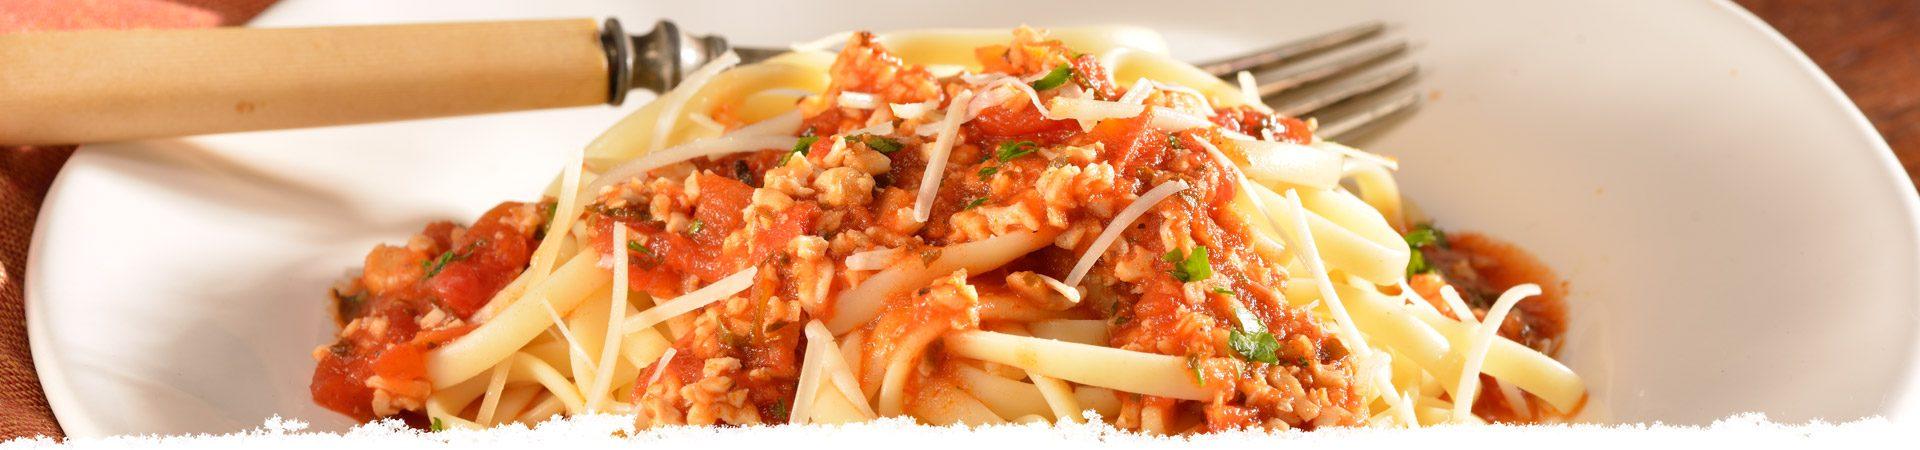 Bertolli Linguine with Red Clam Sauce